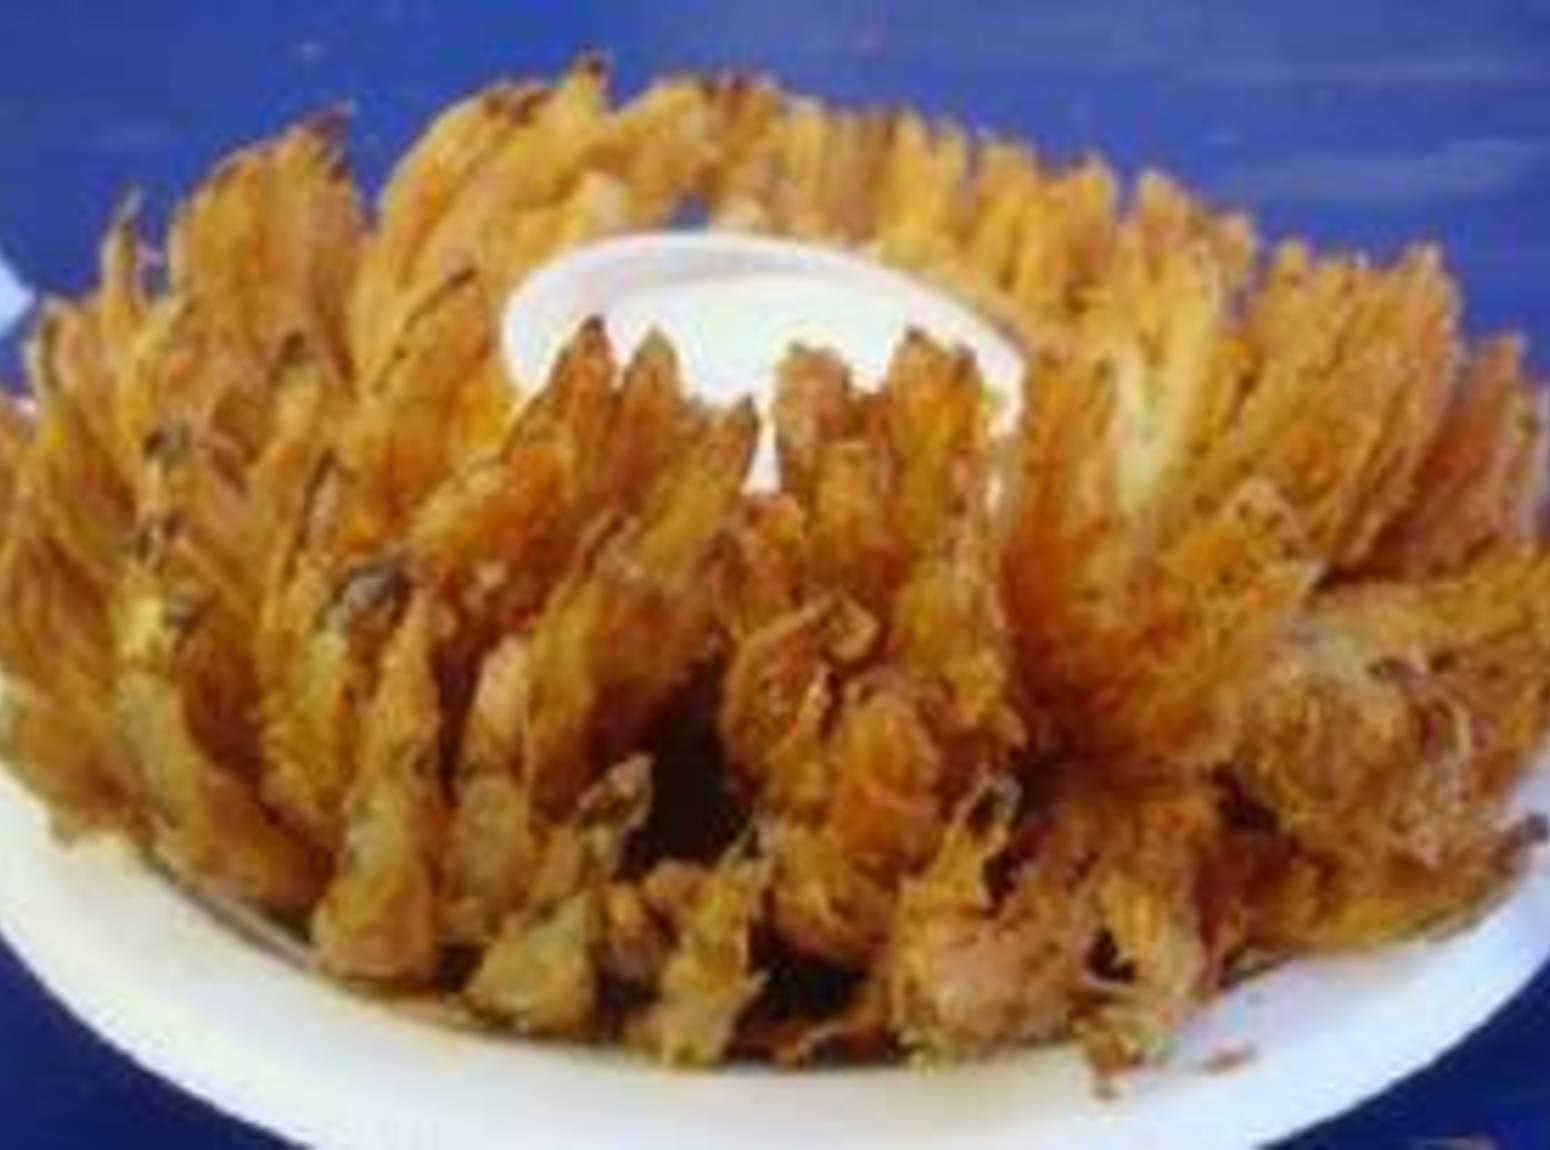 Baked Onion Blossom Recipe